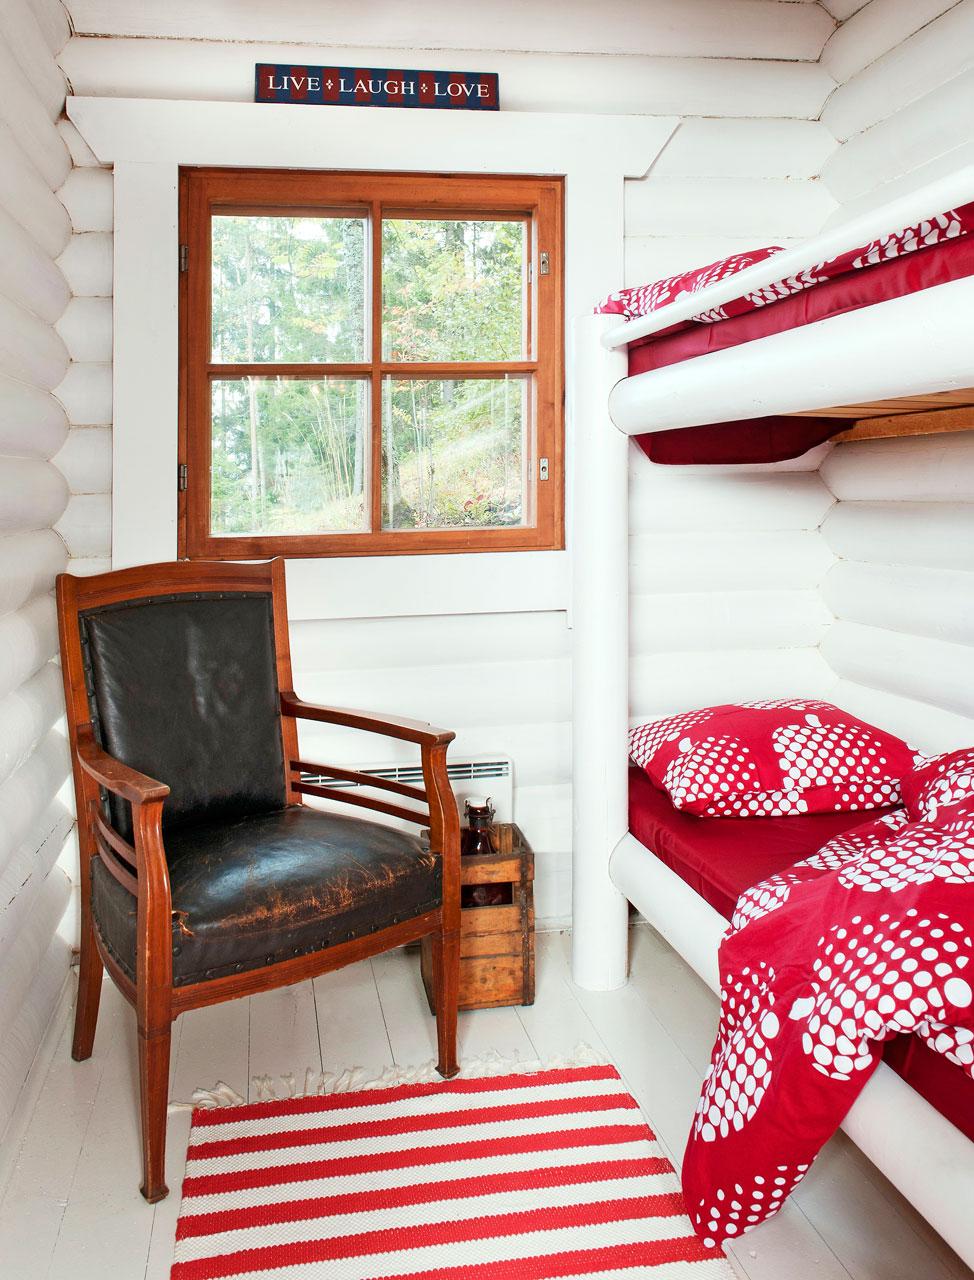 Hauska hirsisänky on kiinteä ja rakennettu kiinni seinään. Valkoinen väri sopii pyöröhirteen hyvin. Finlaysonin lakanat ovat nimeltään Optinen omena. Nurkassa oleva nahkatuoli on osa perintökalustoa, johon myös keittiön pöytä kuuluu.